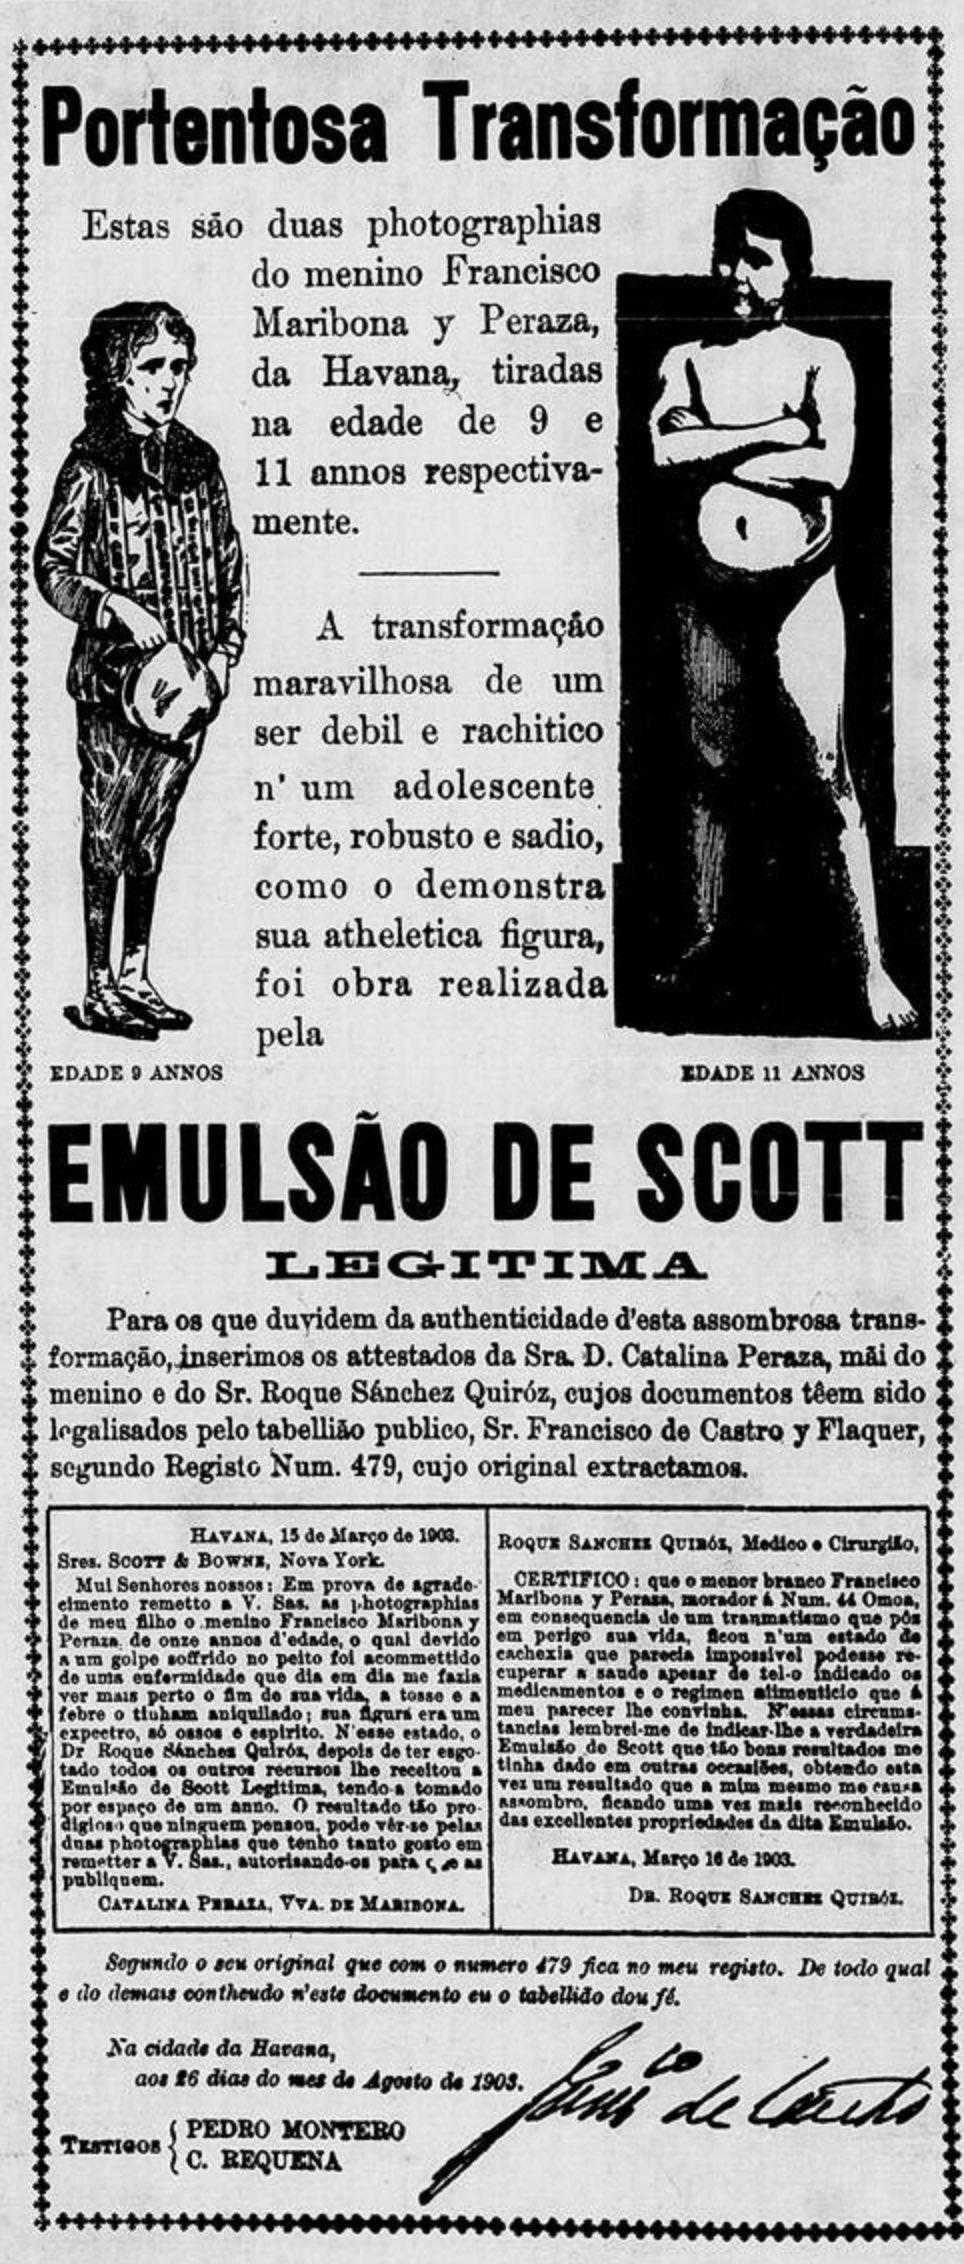 Anúncio antigo do Emulsão de Scott com testemunho de restabelecimento da saúde de crianças